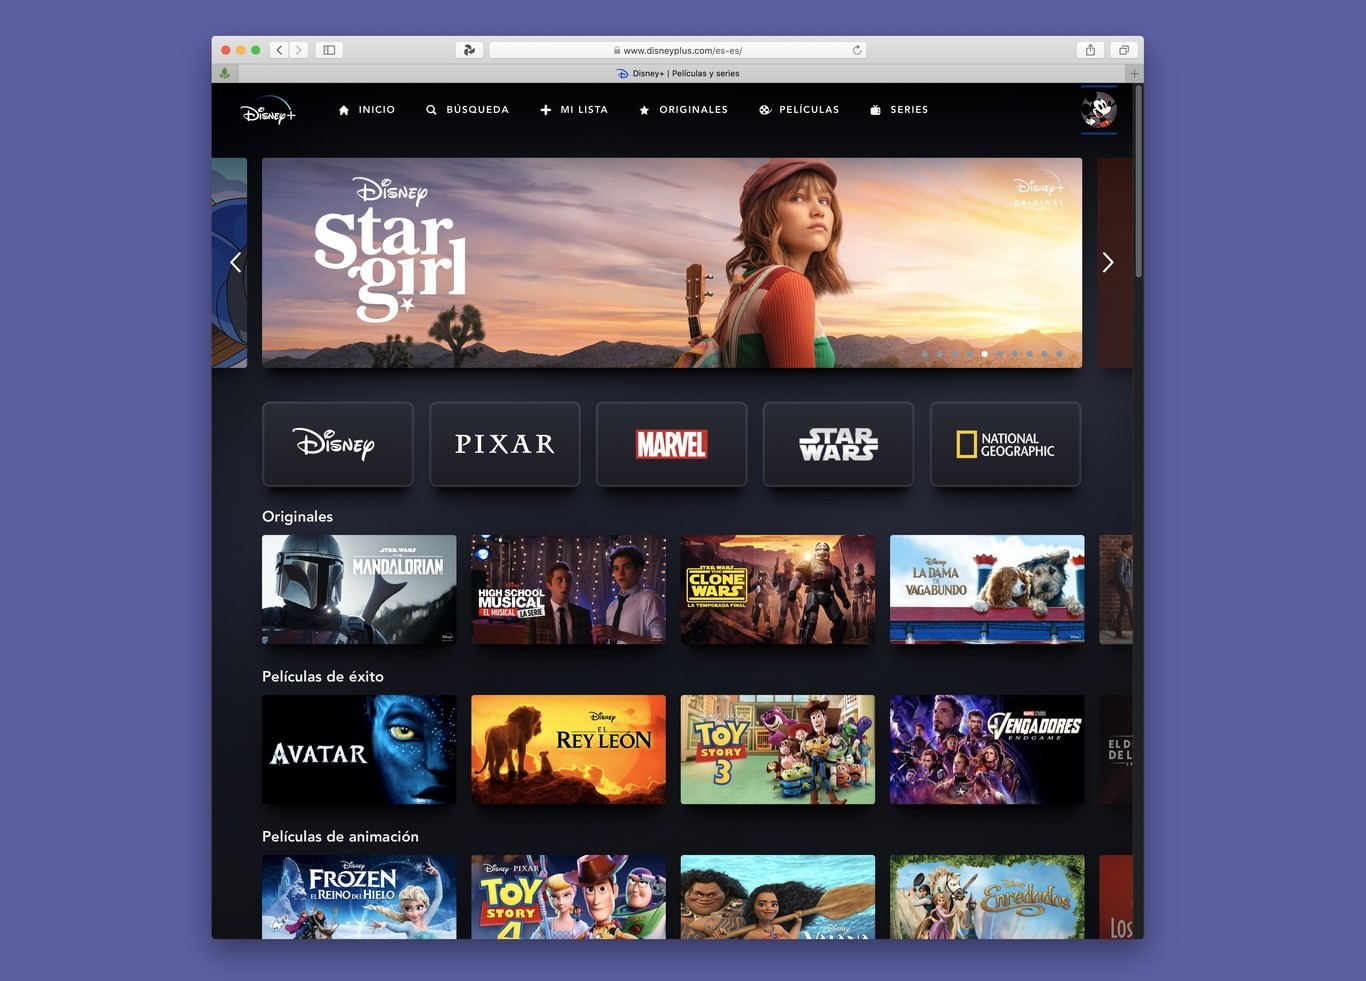 Star será la nueva plataforma de streaming de Disney para distribuir  internacionalmente ese contenido que no entra en Disney+